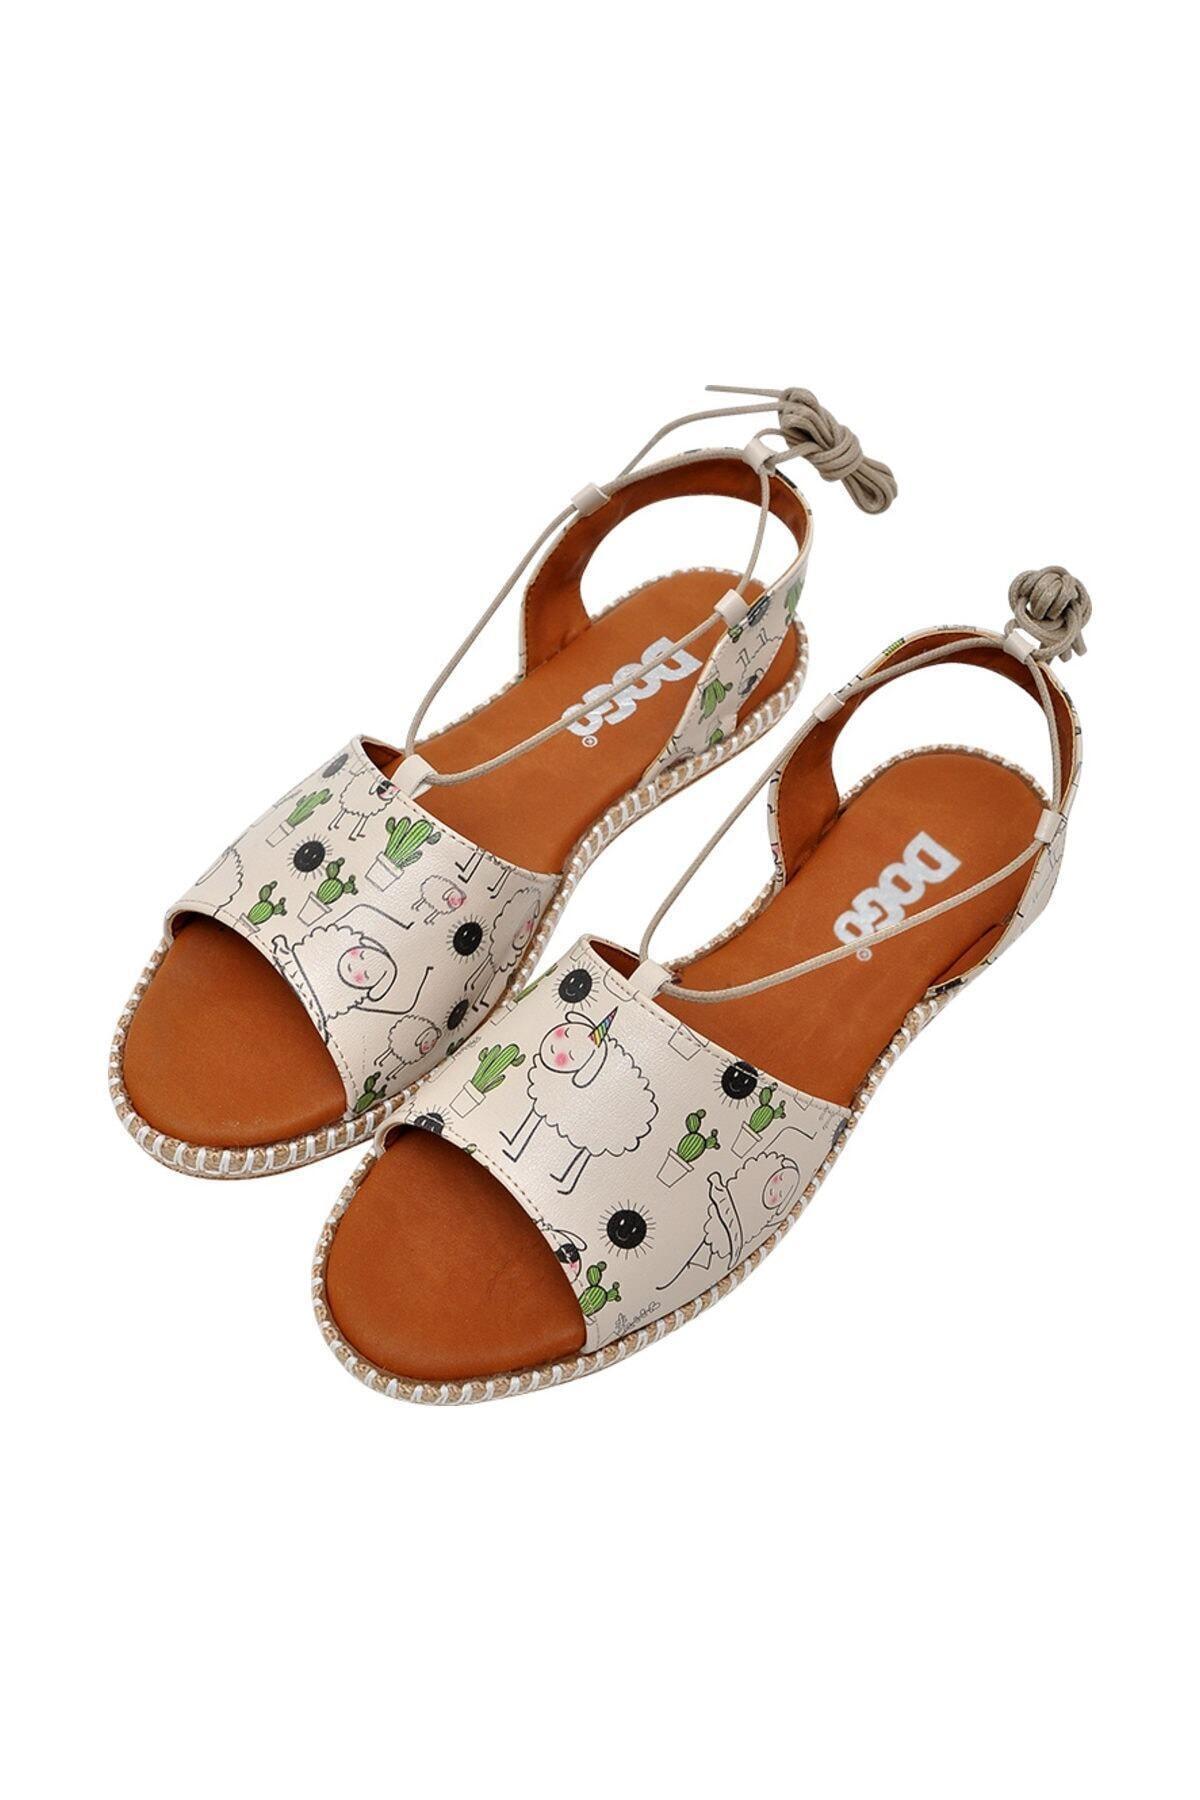 Dogo Kadın Bej Sandalet Dgs017hzl005 2